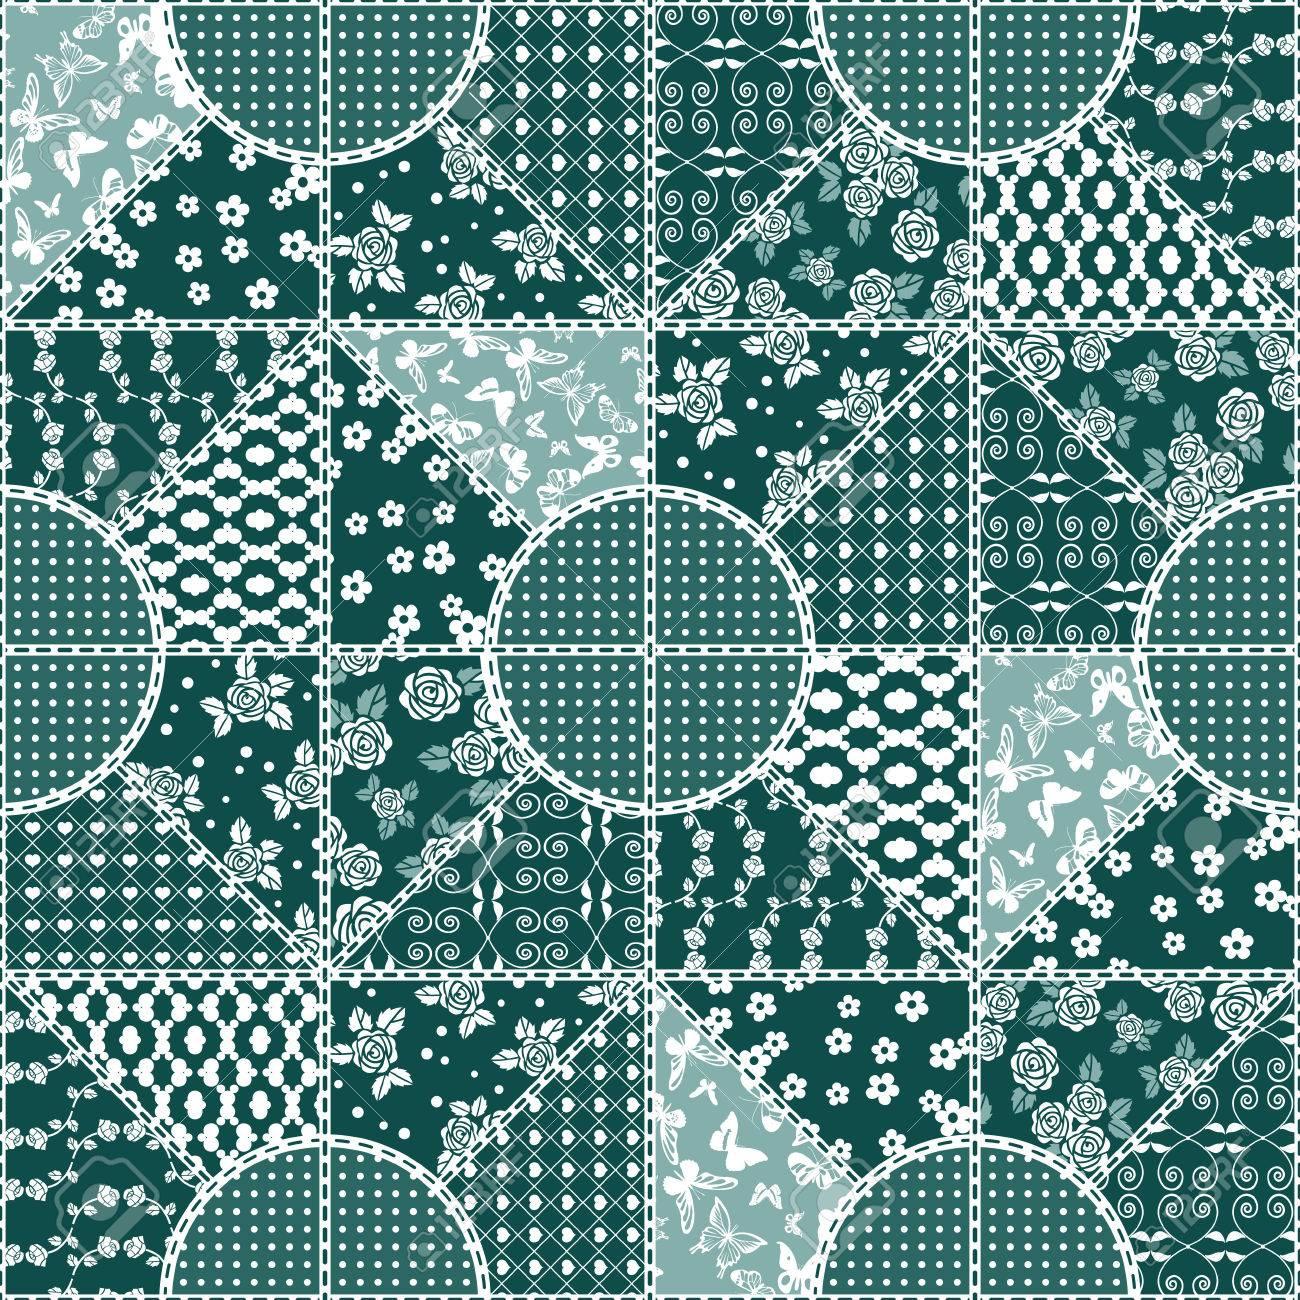 Patrón De Mosaico Del Vector Abstracto Transparente Con Adornos ...